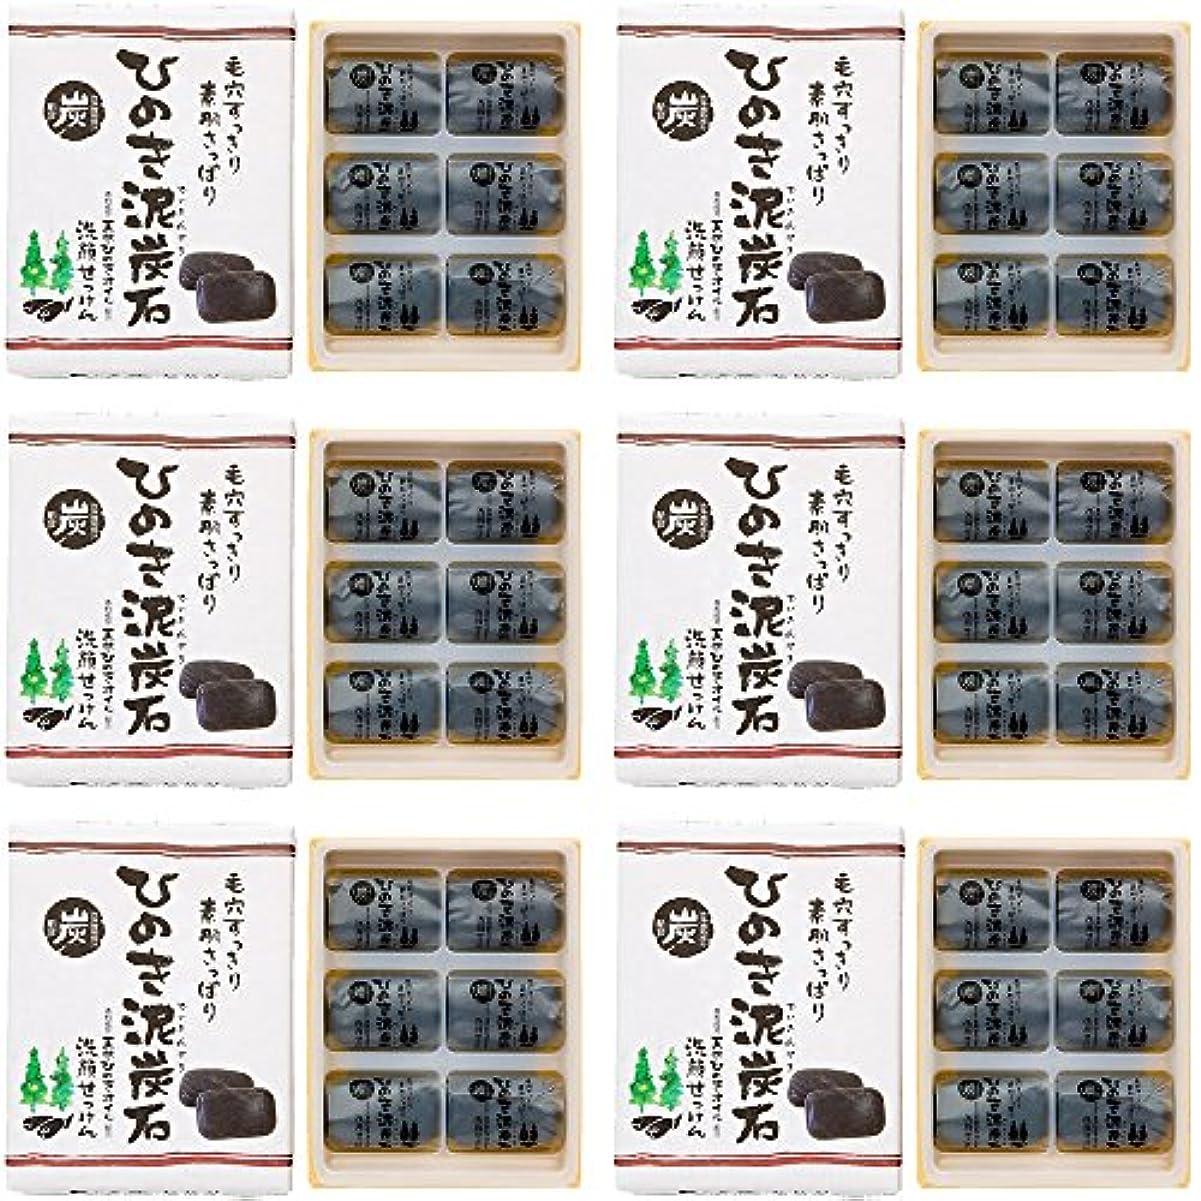 衰える華氏イースターひのき泥炭石 洗顔せっけん すっきりタイプ (30g×6個×6セット) 石けん [天然ひのきオイル配合]